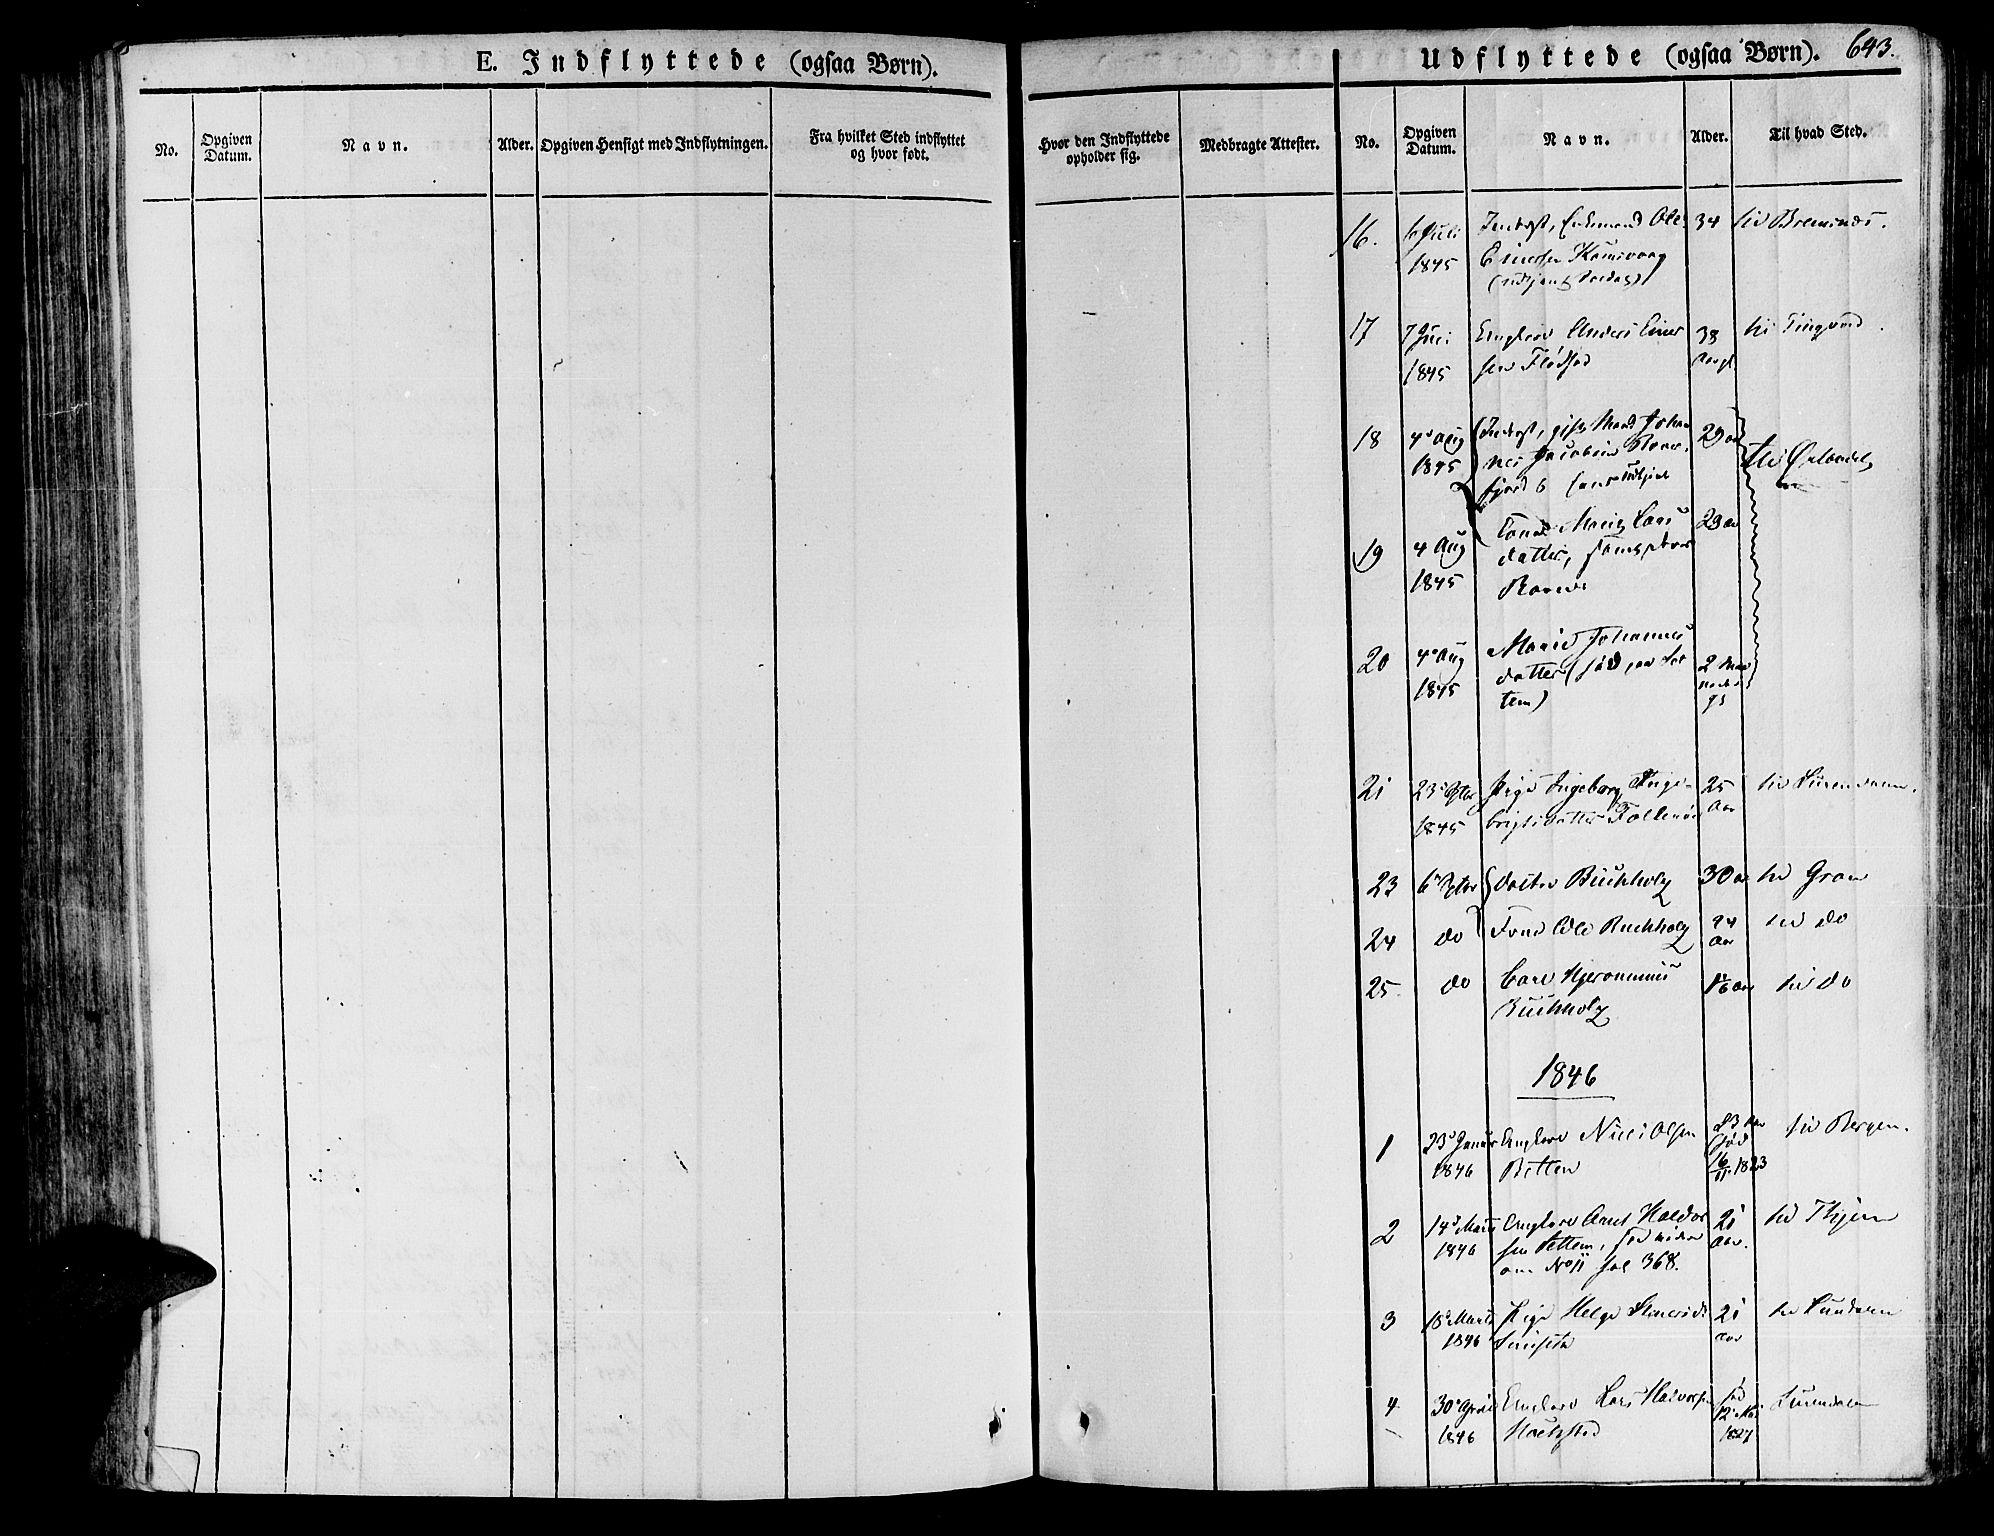 SAT, Ministerialprotokoller, klokkerbøker og fødselsregistre - Møre og Romsdal, 592/L1024: Ministerialbok nr. 592A03 /1, 1831-1849, s. 643